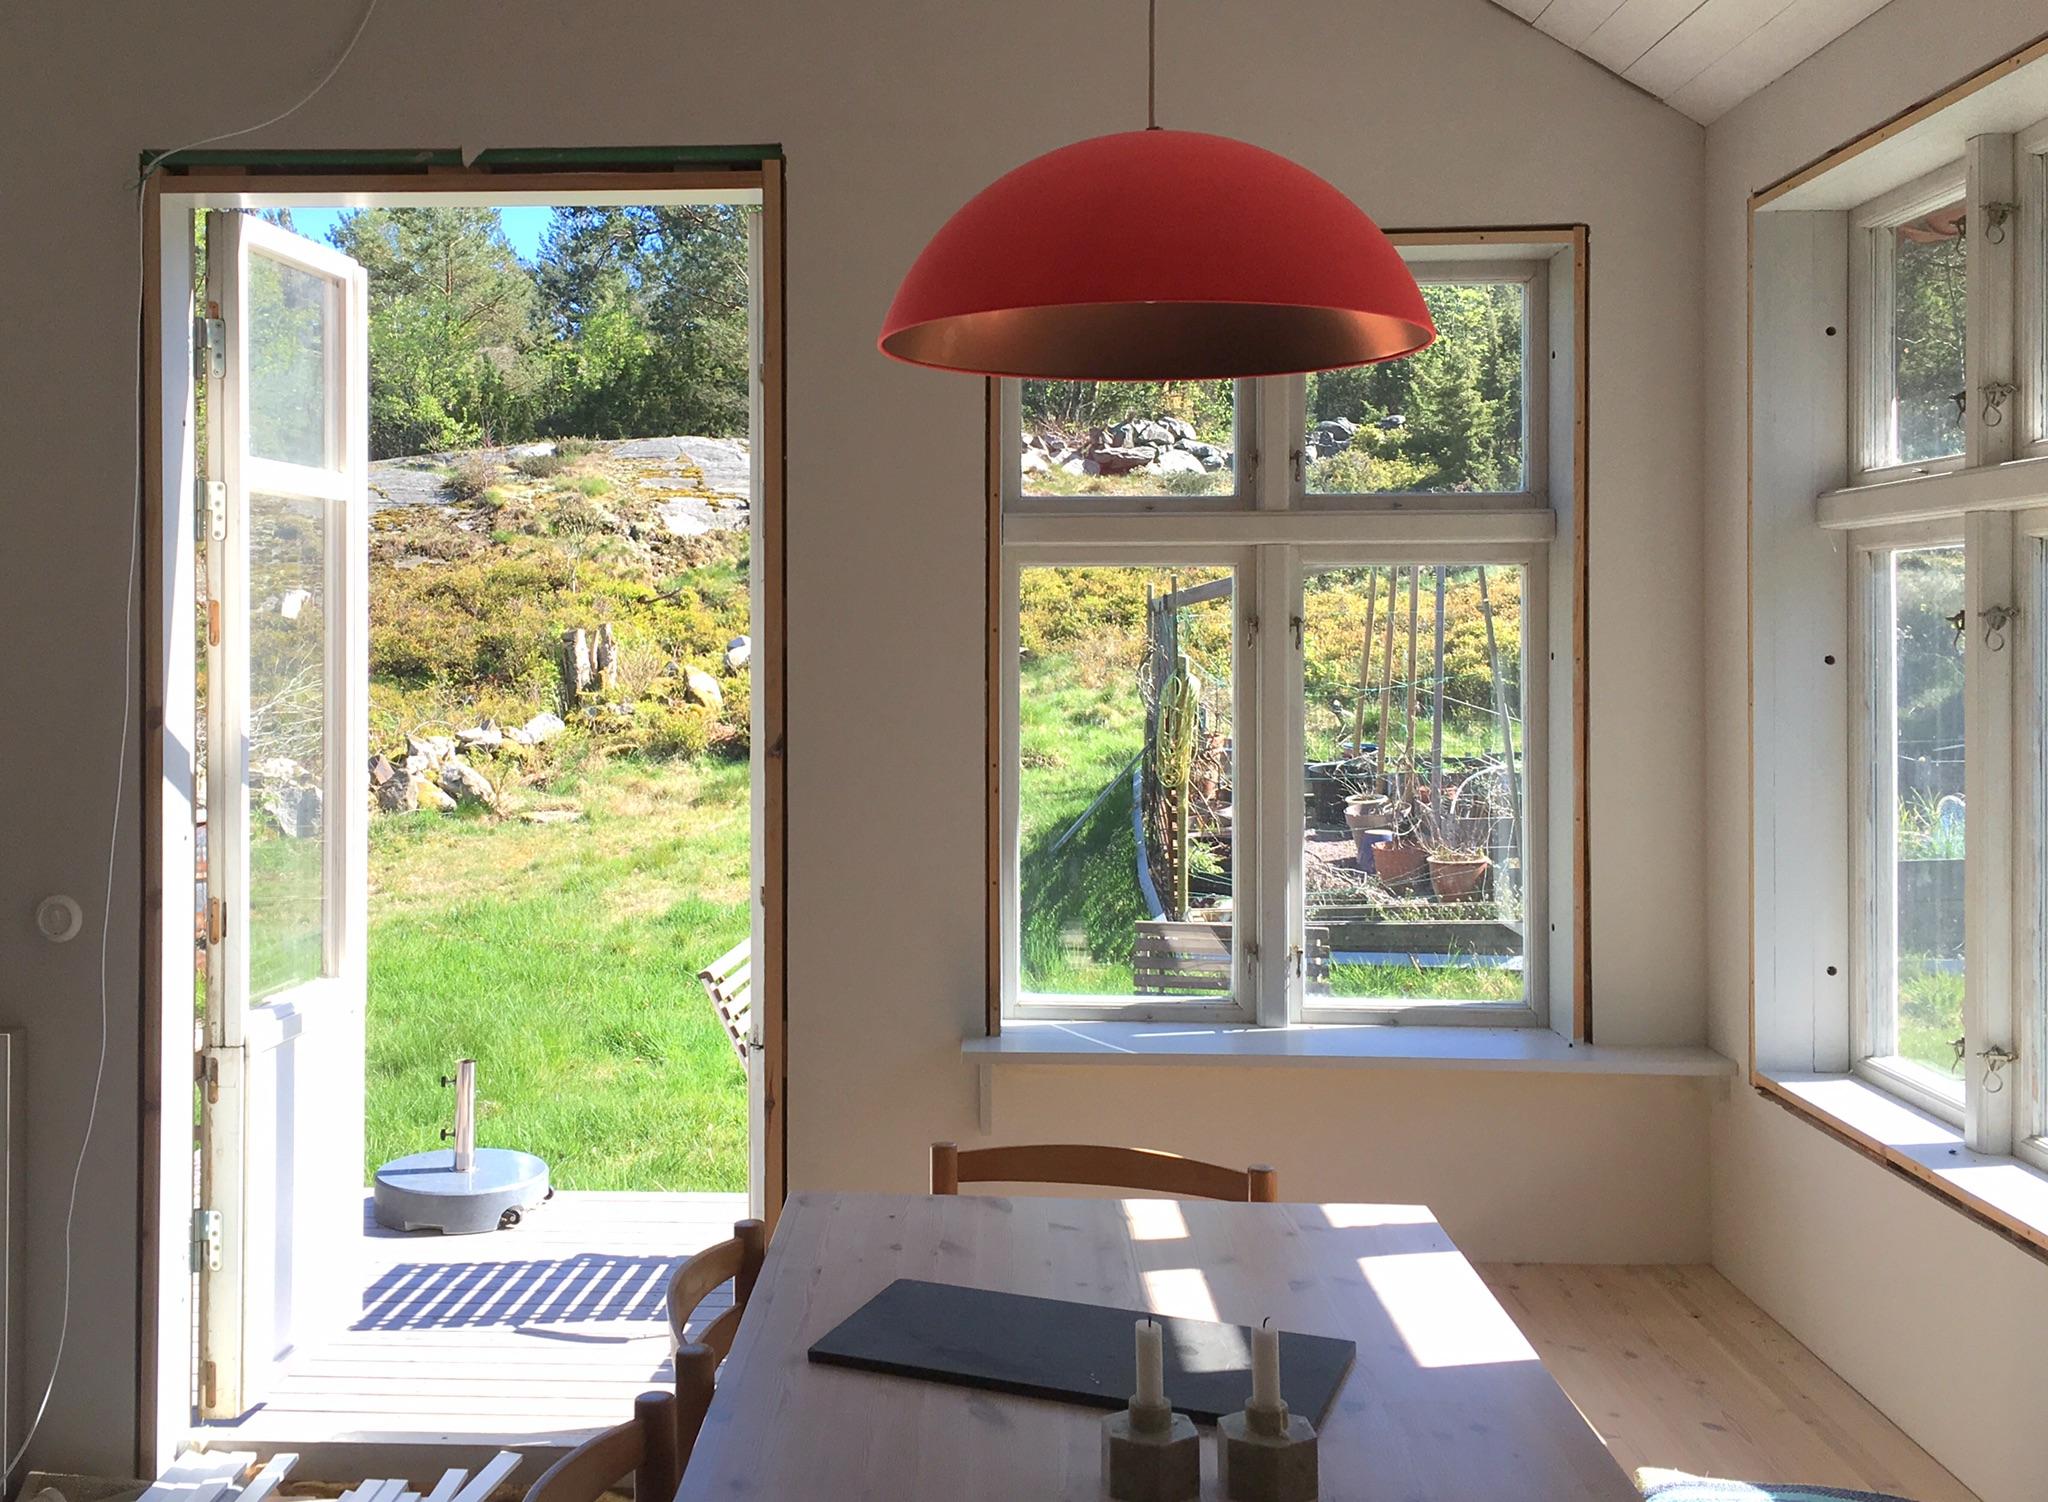 Properties for rent in gteborg - hjuvik, 2 rooms - Bostadsportal